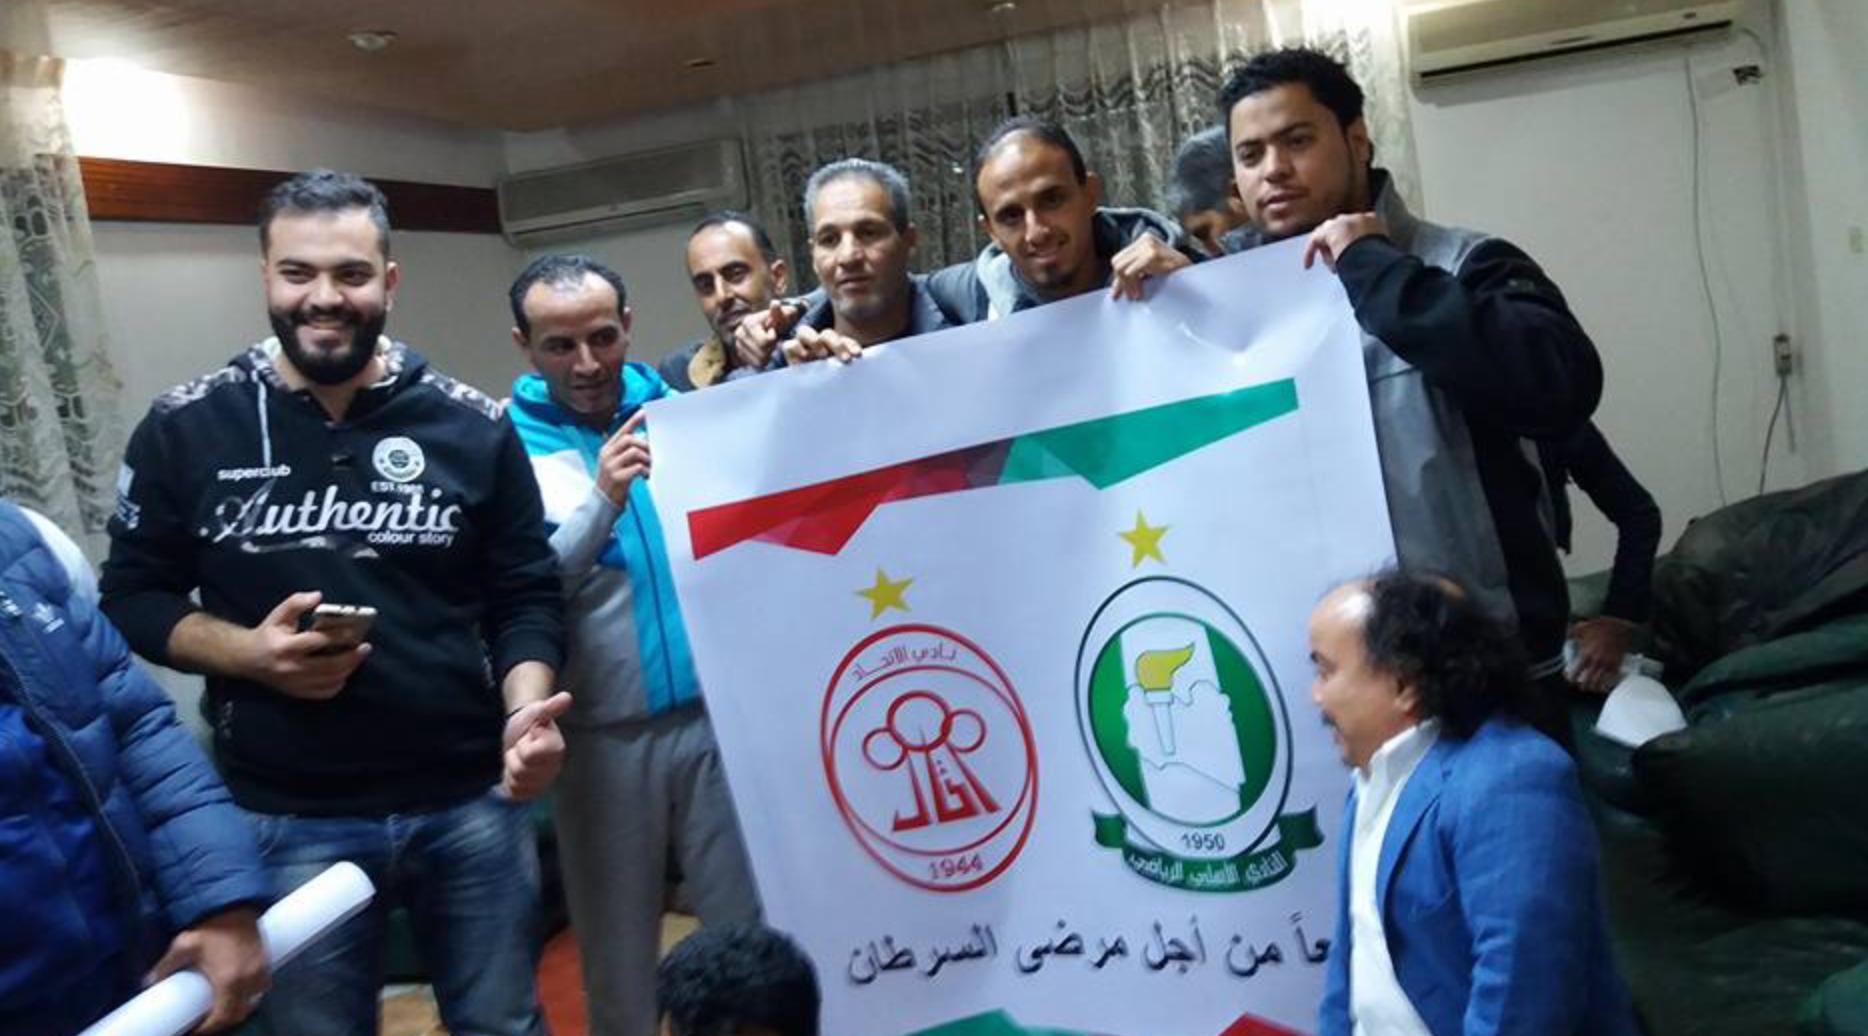 مباراة خيرية من أجل الأطفال المرضى بالسرطان في ليبيا